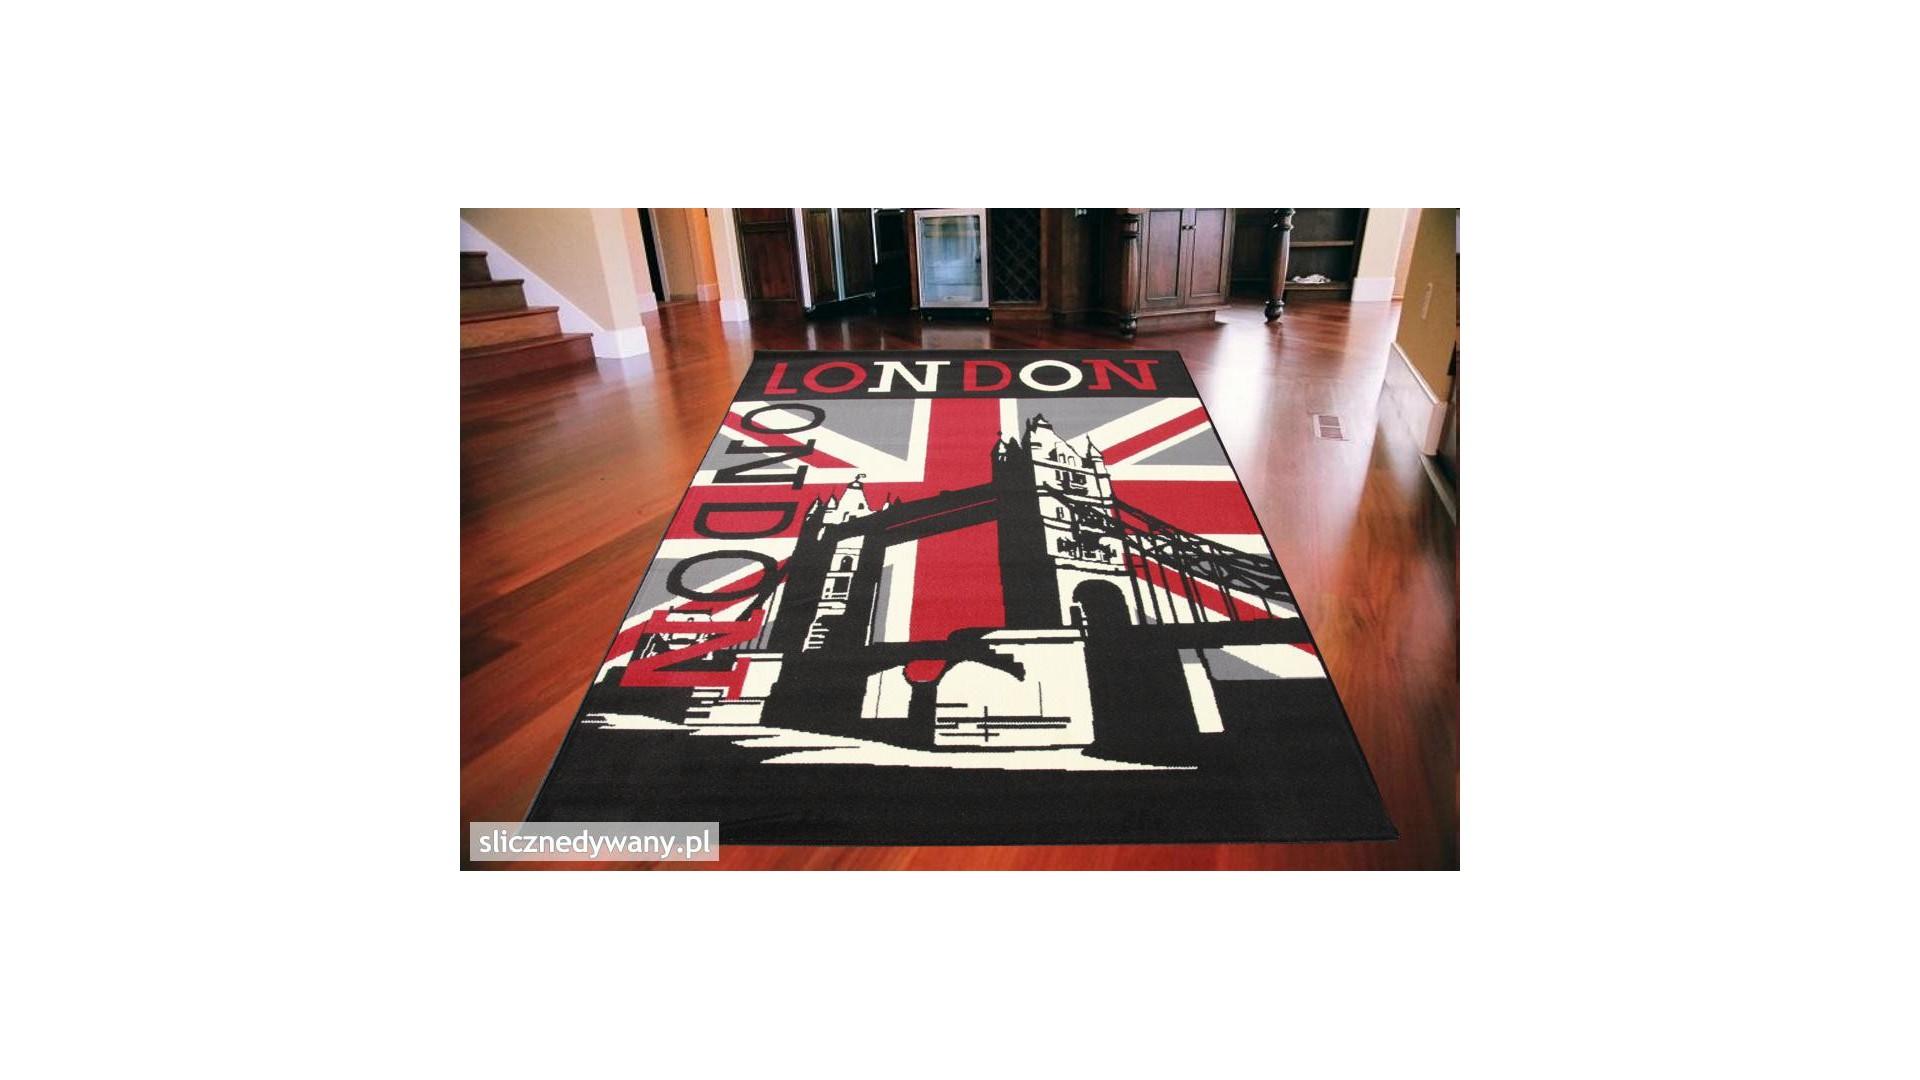 Ciekawe wzornictwo dywanu.